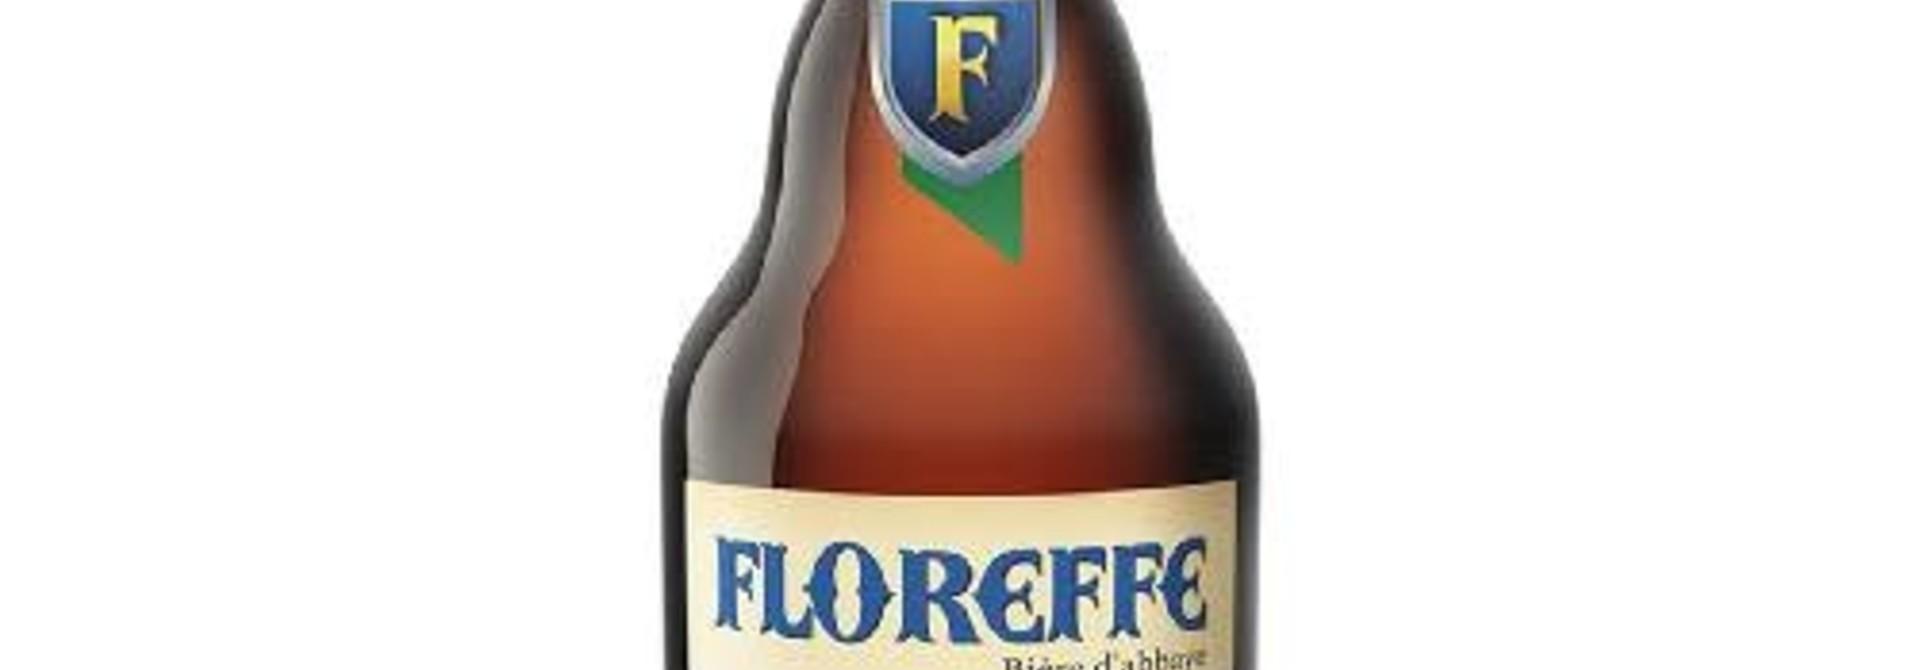 FLOREFFE BLOND 33CL